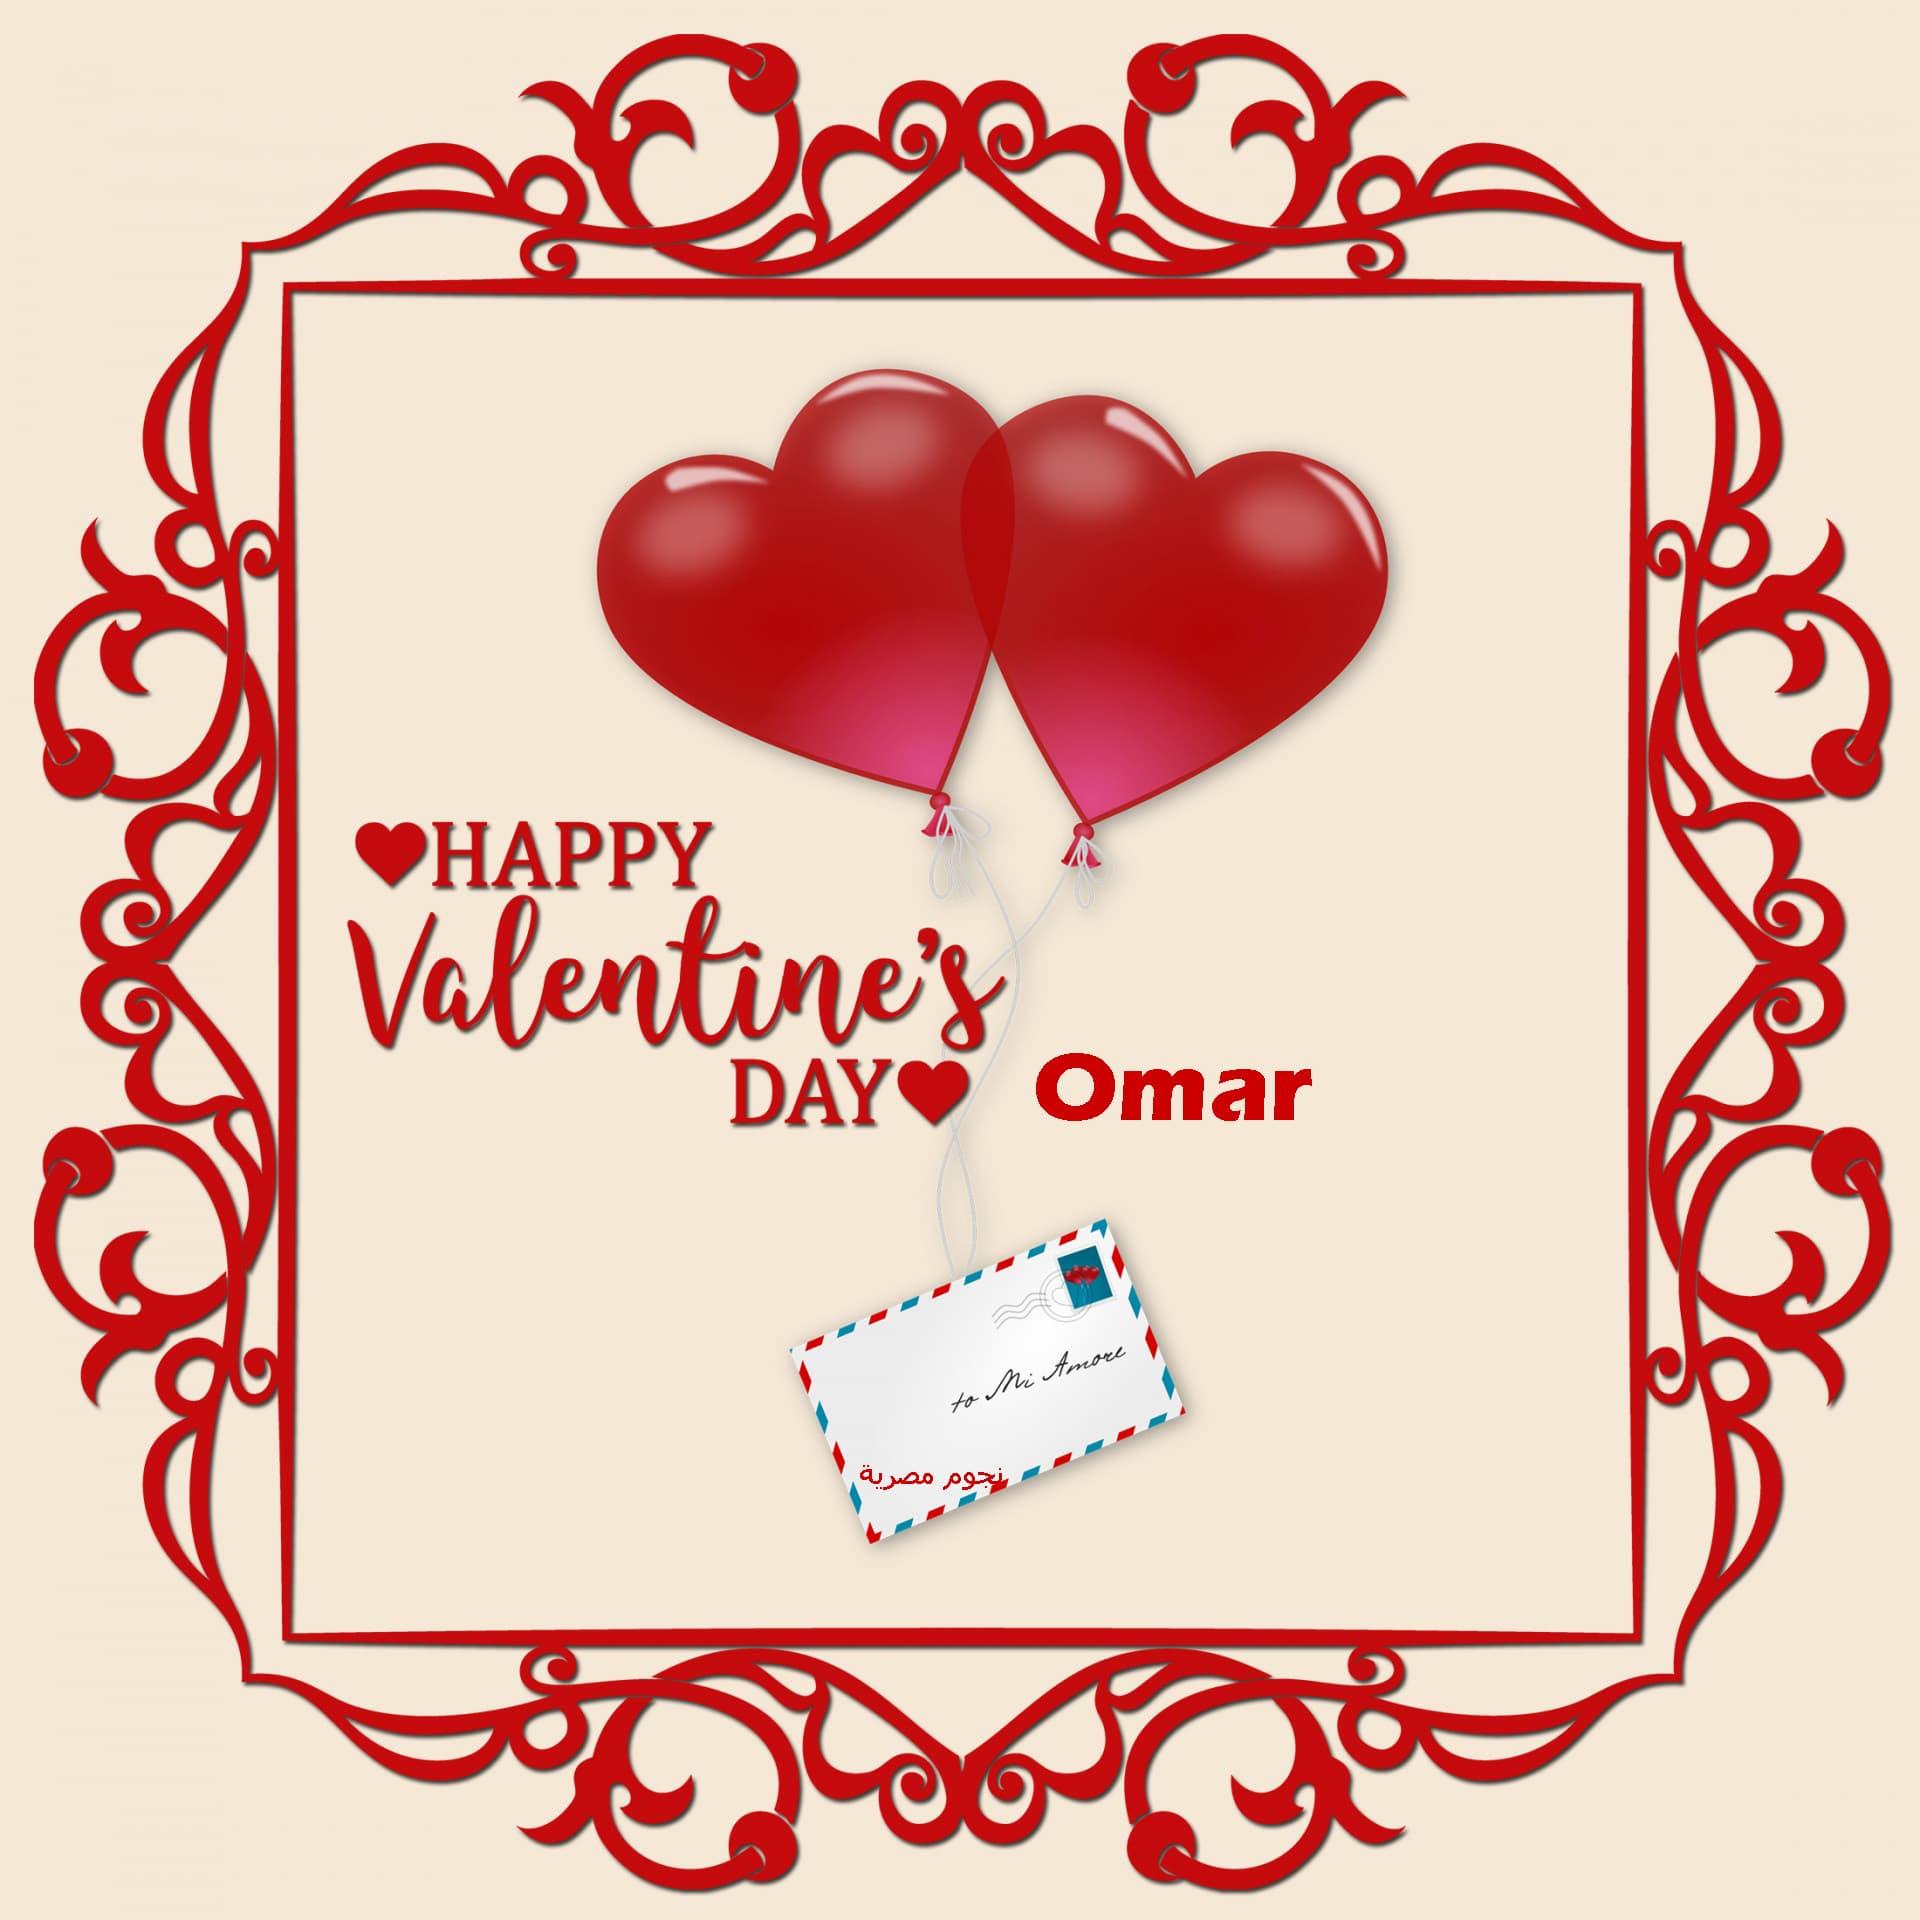 بالصور رسائل عن الحب , صور لعيد الحب 5203 13